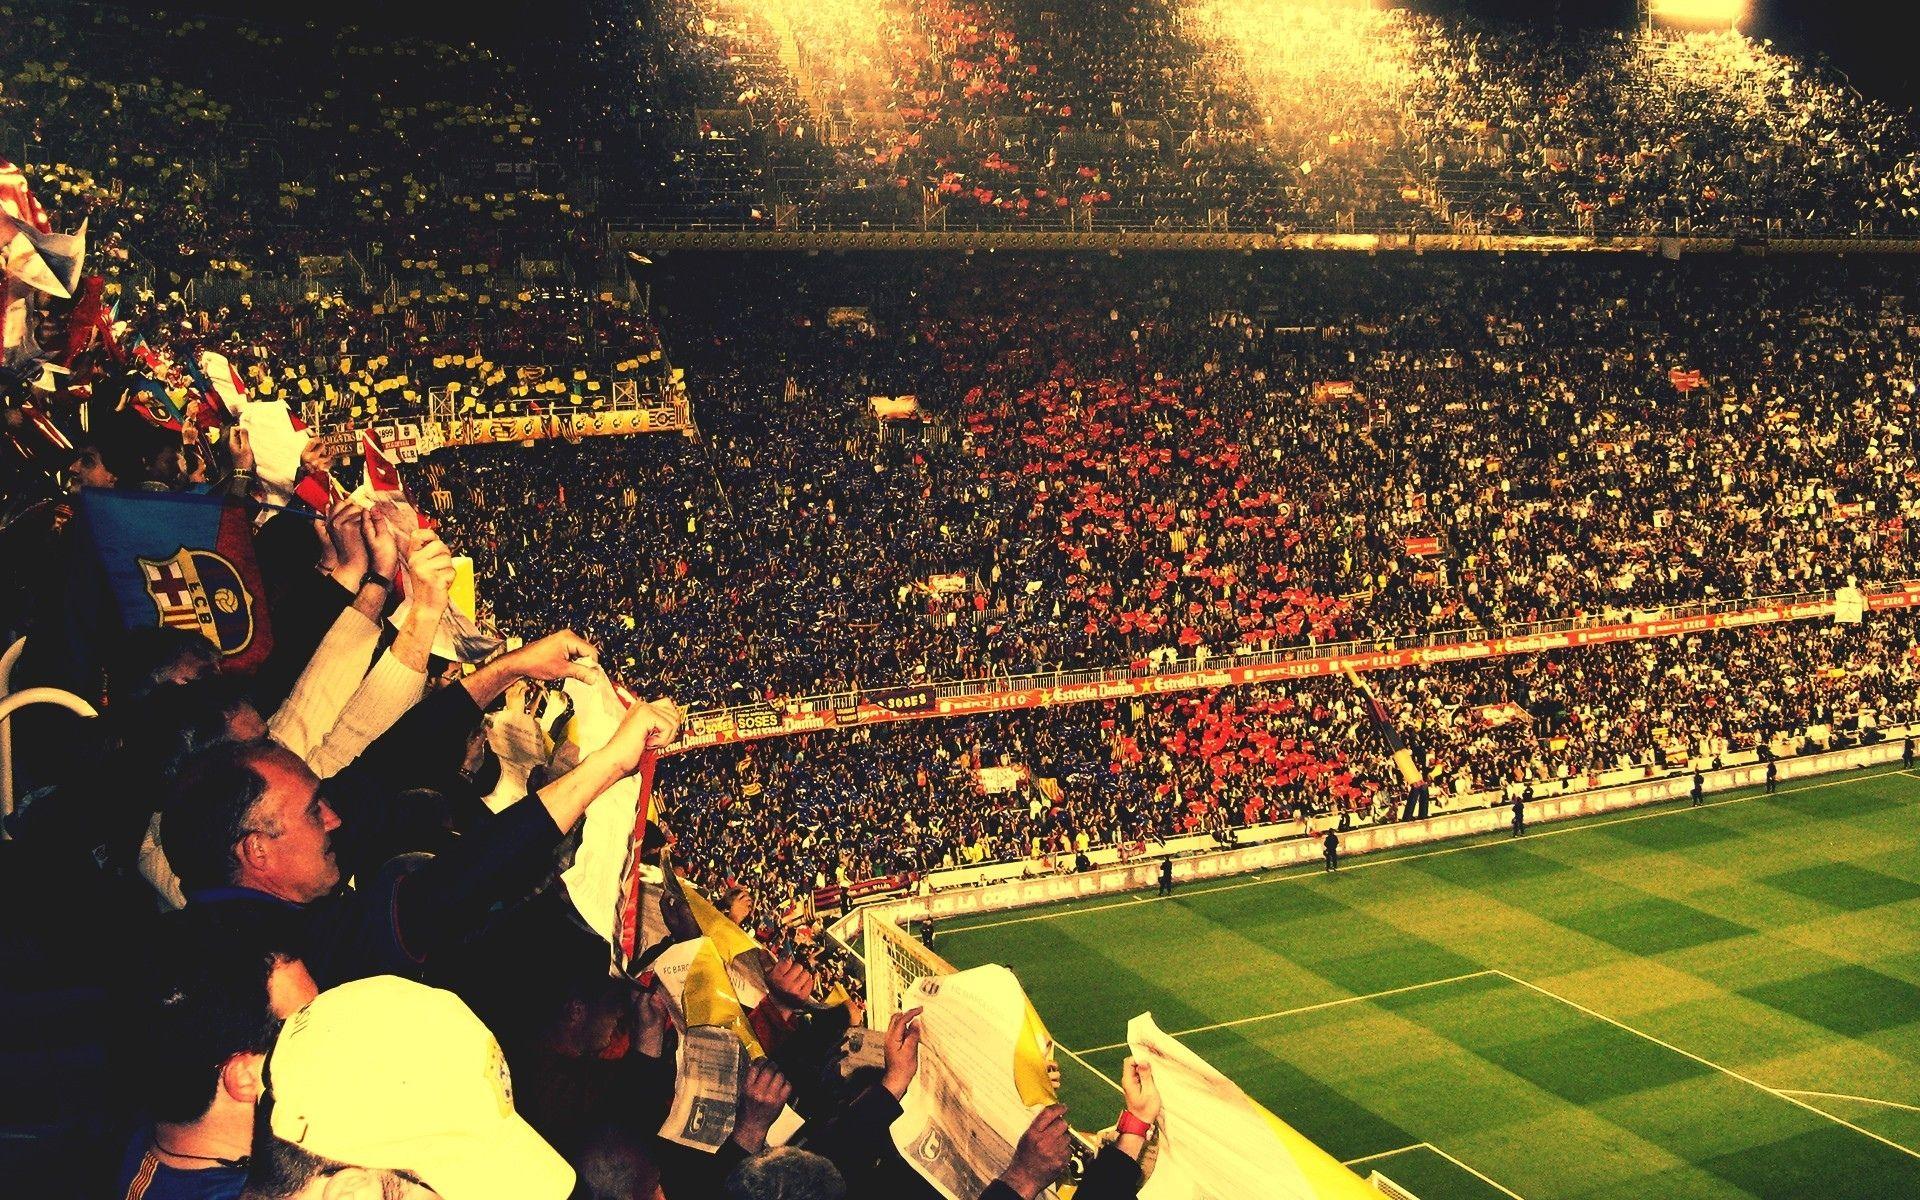 Pin By Brandon Saltedviper On Brandon Khoo Flags Banners Stadium Wallpaper Barcelona Soccer Soccer Stadium